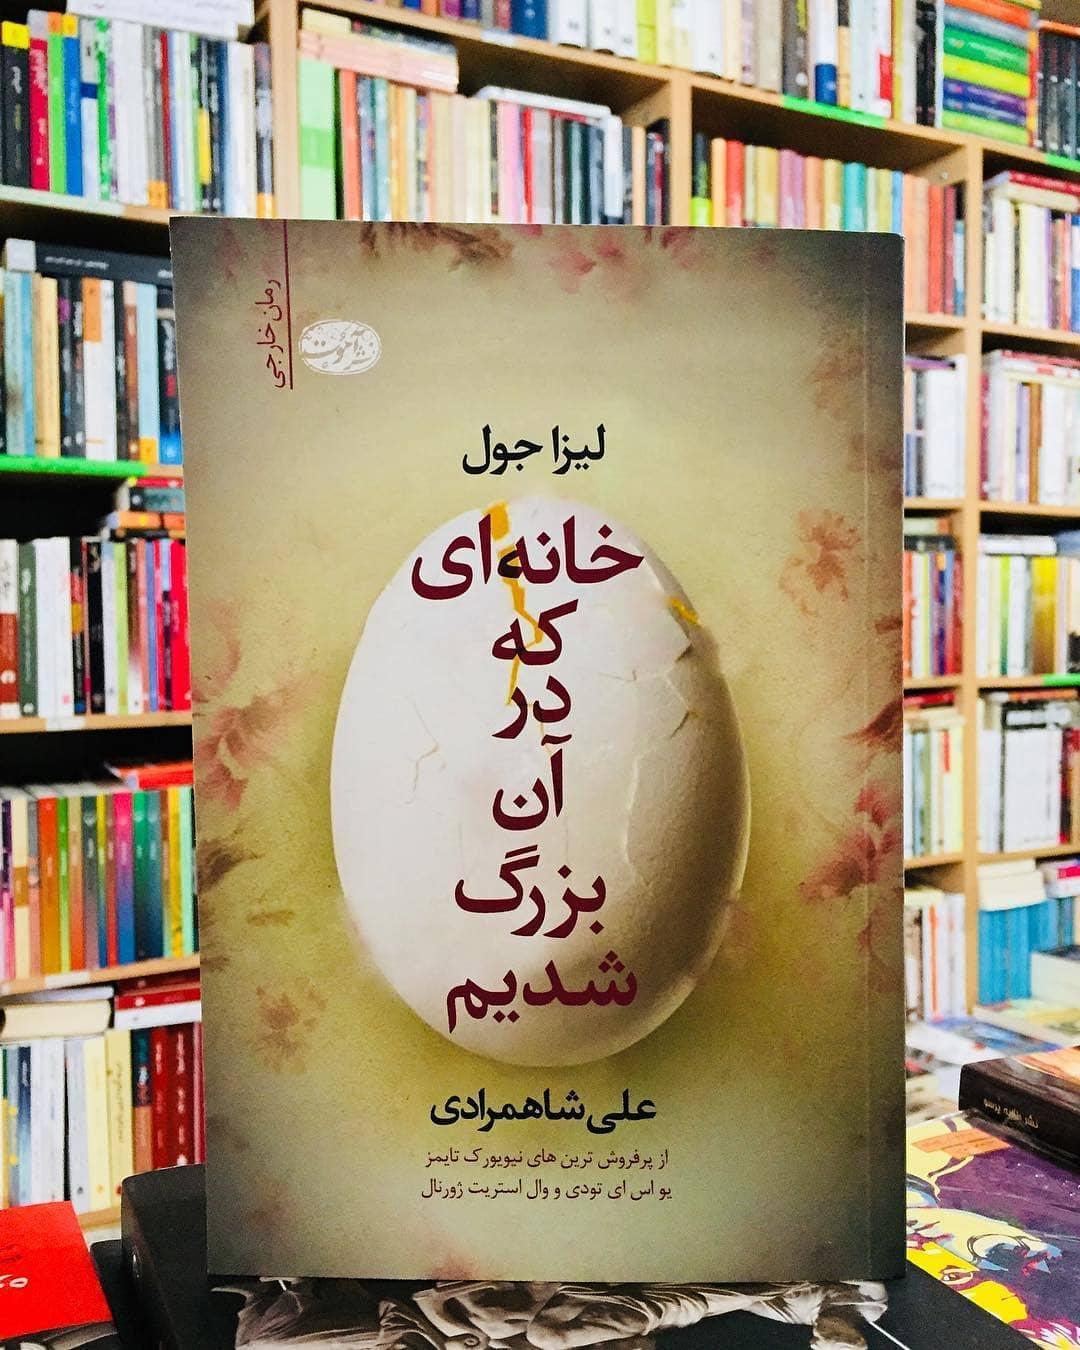 پرفروشترین کتابهای ترجمهشده در سال ۹۷